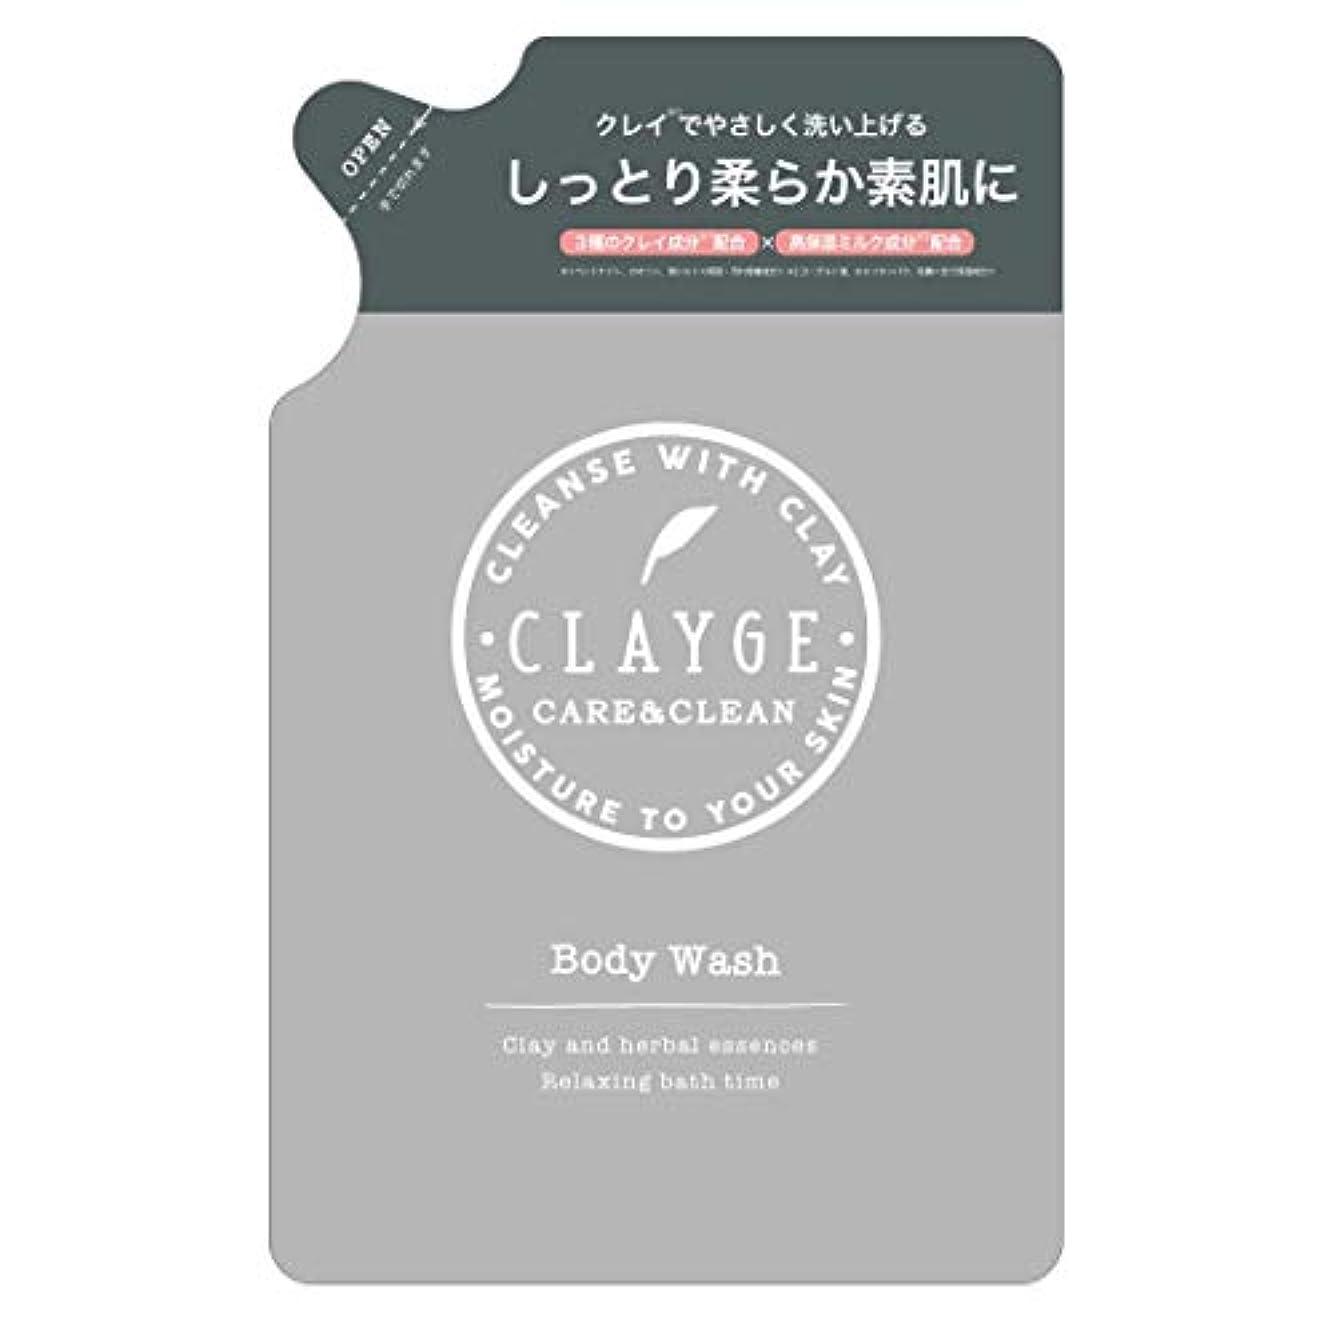 大理石を通して研究CLAYGE(クレージュ) ボディウォッシュM詰替え しっとりモイスト